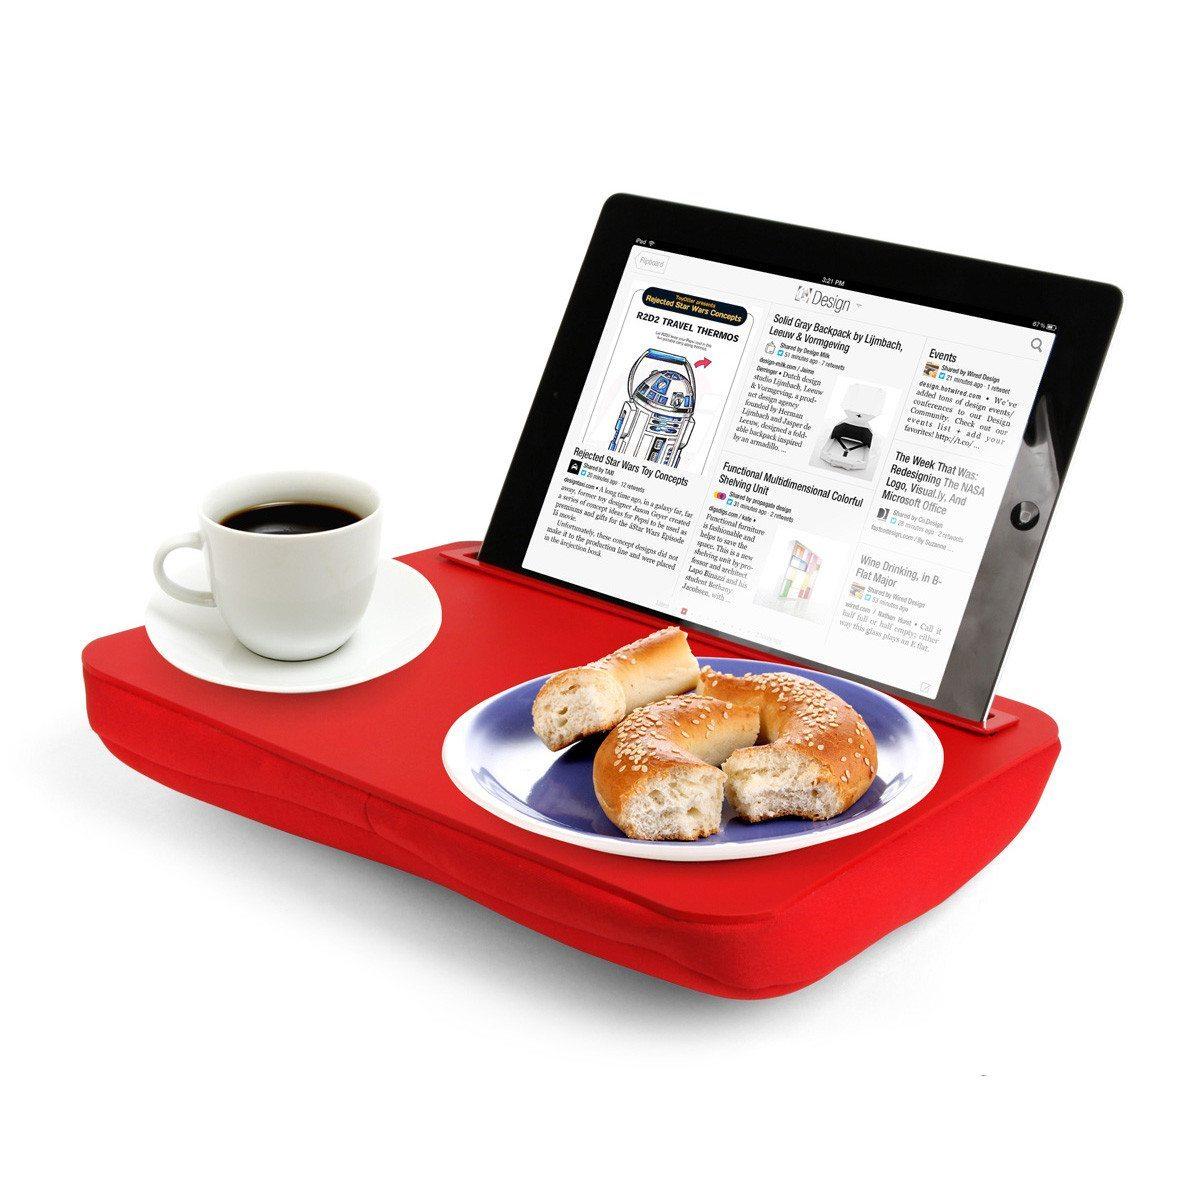 iBed Lap Desk